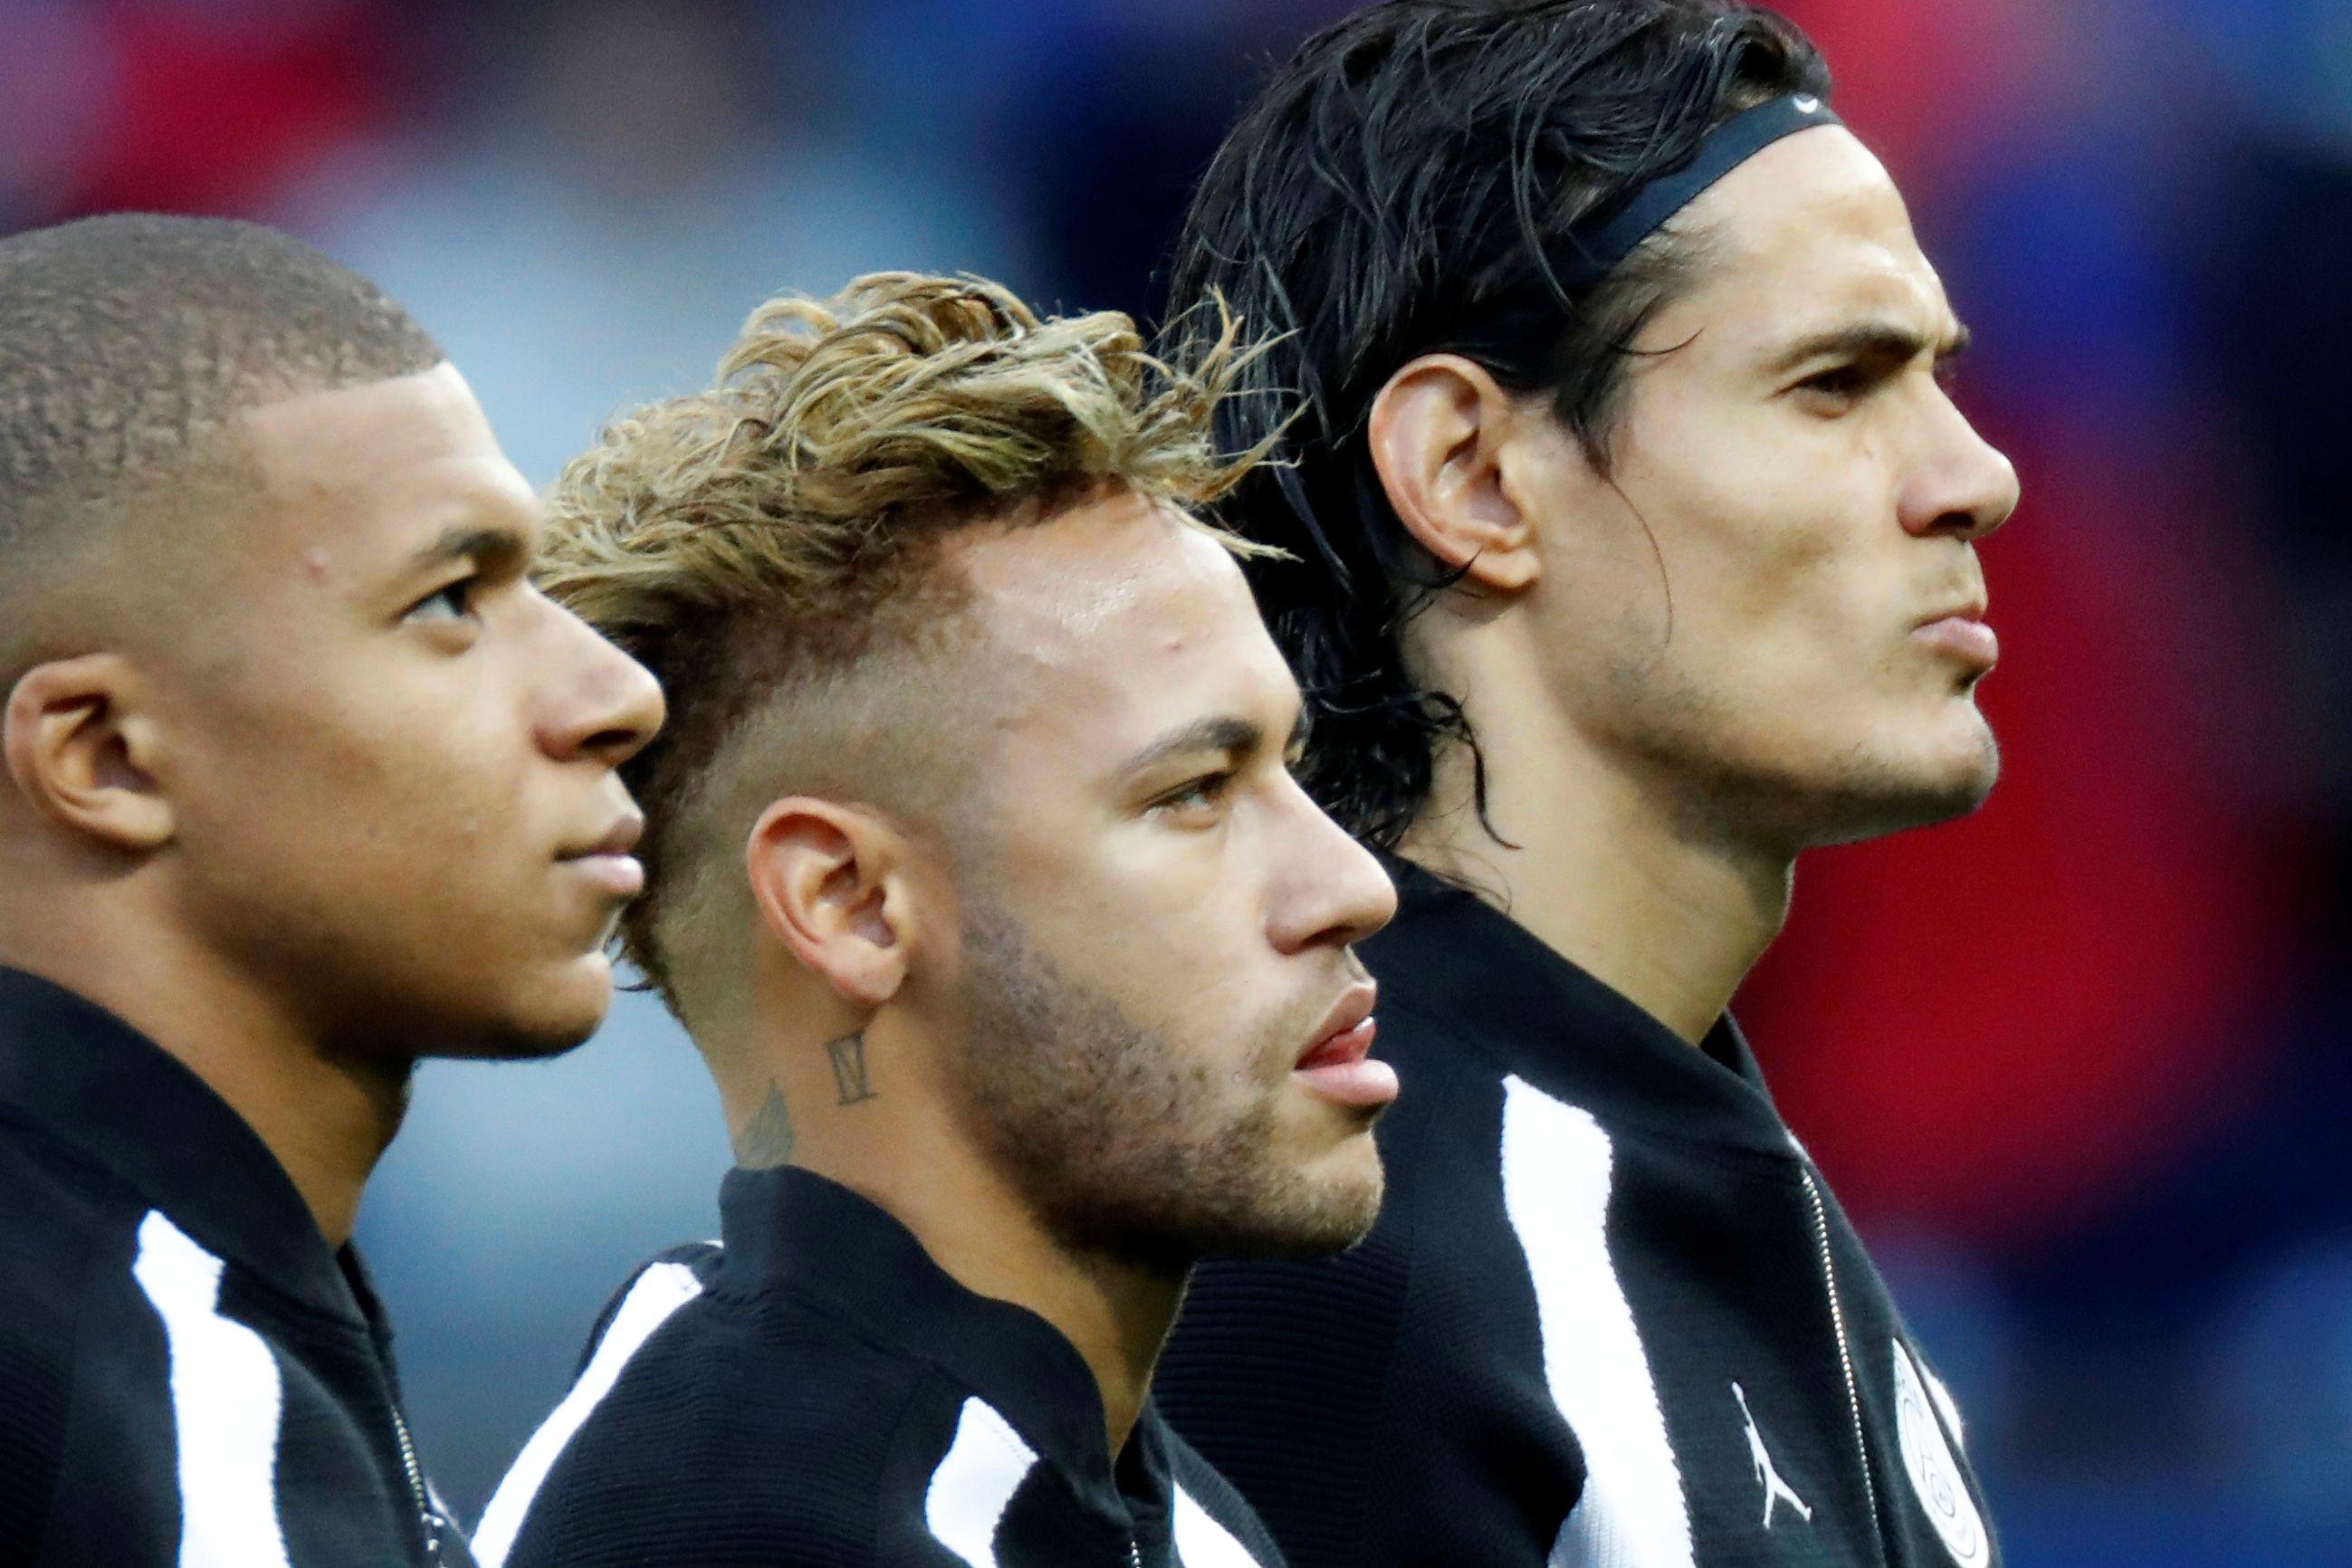 Mbappé comenta 'picardia' nas seleções entre Neymar e Cavani